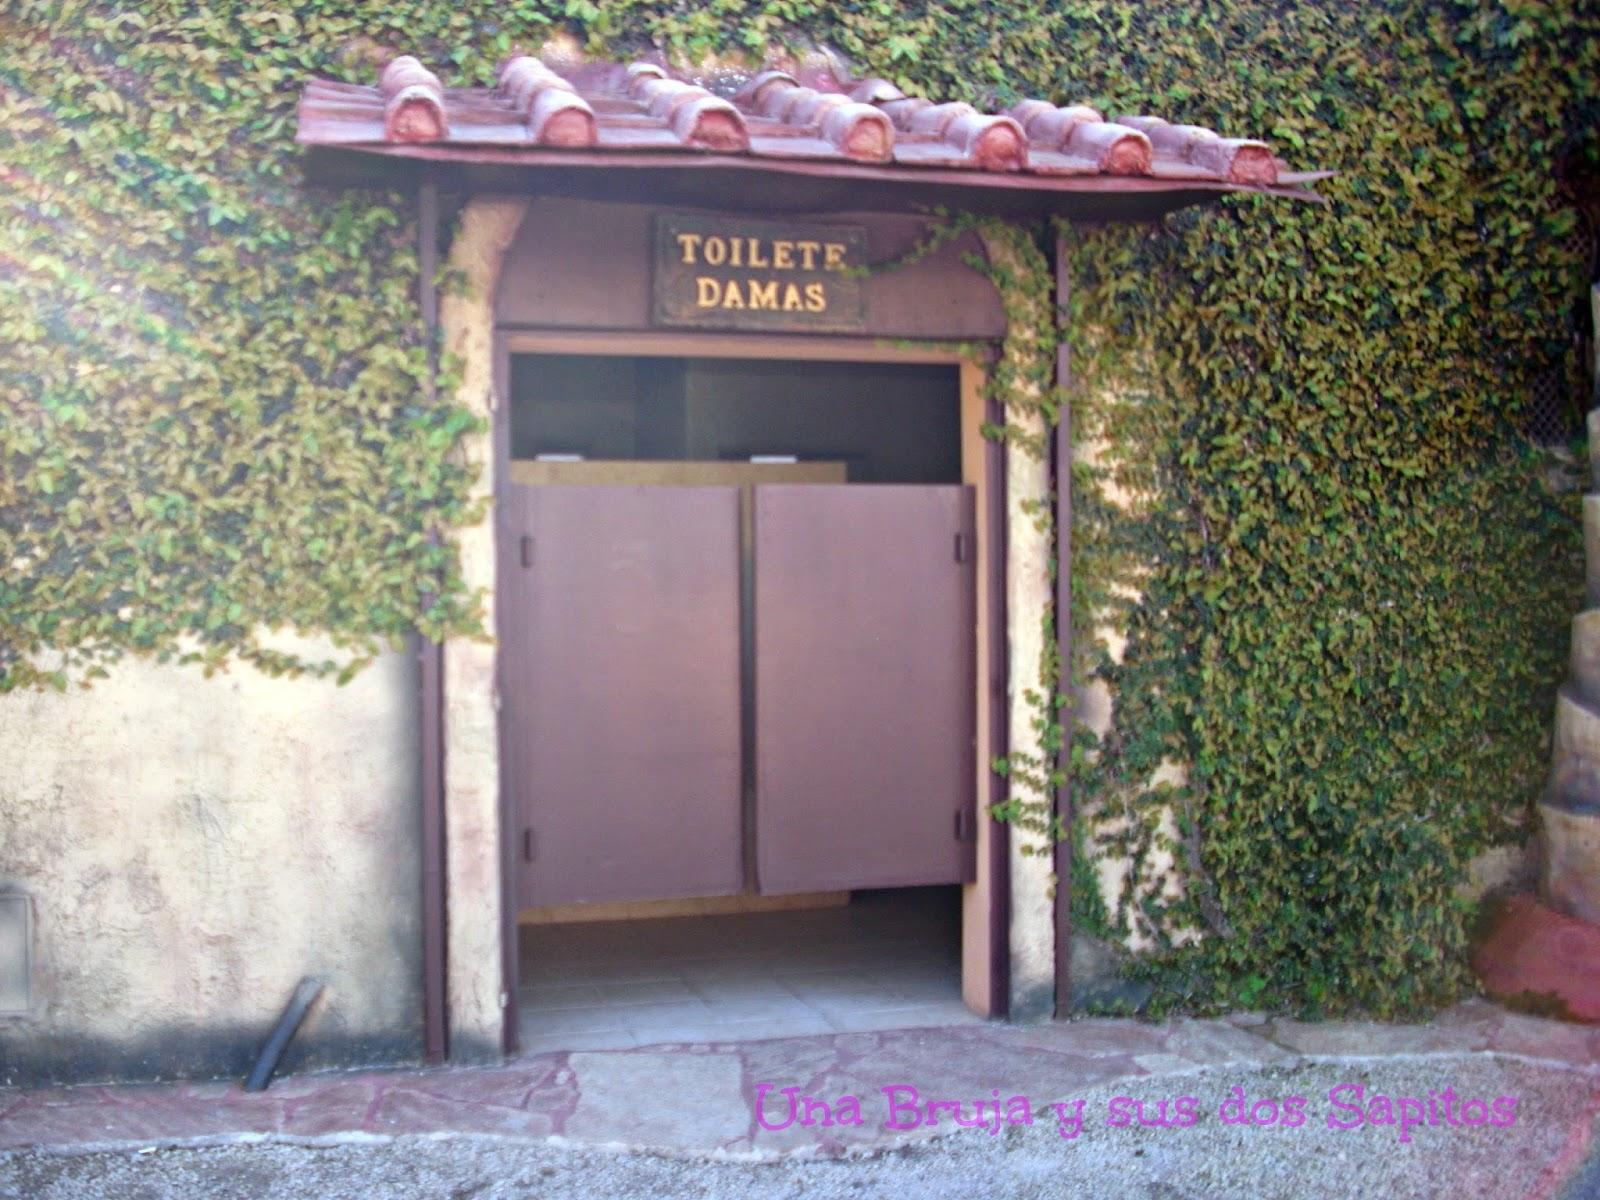 Puertas De Baño Publico:Esta que les enseño acá abajo no es una puerta de entrada, pero la